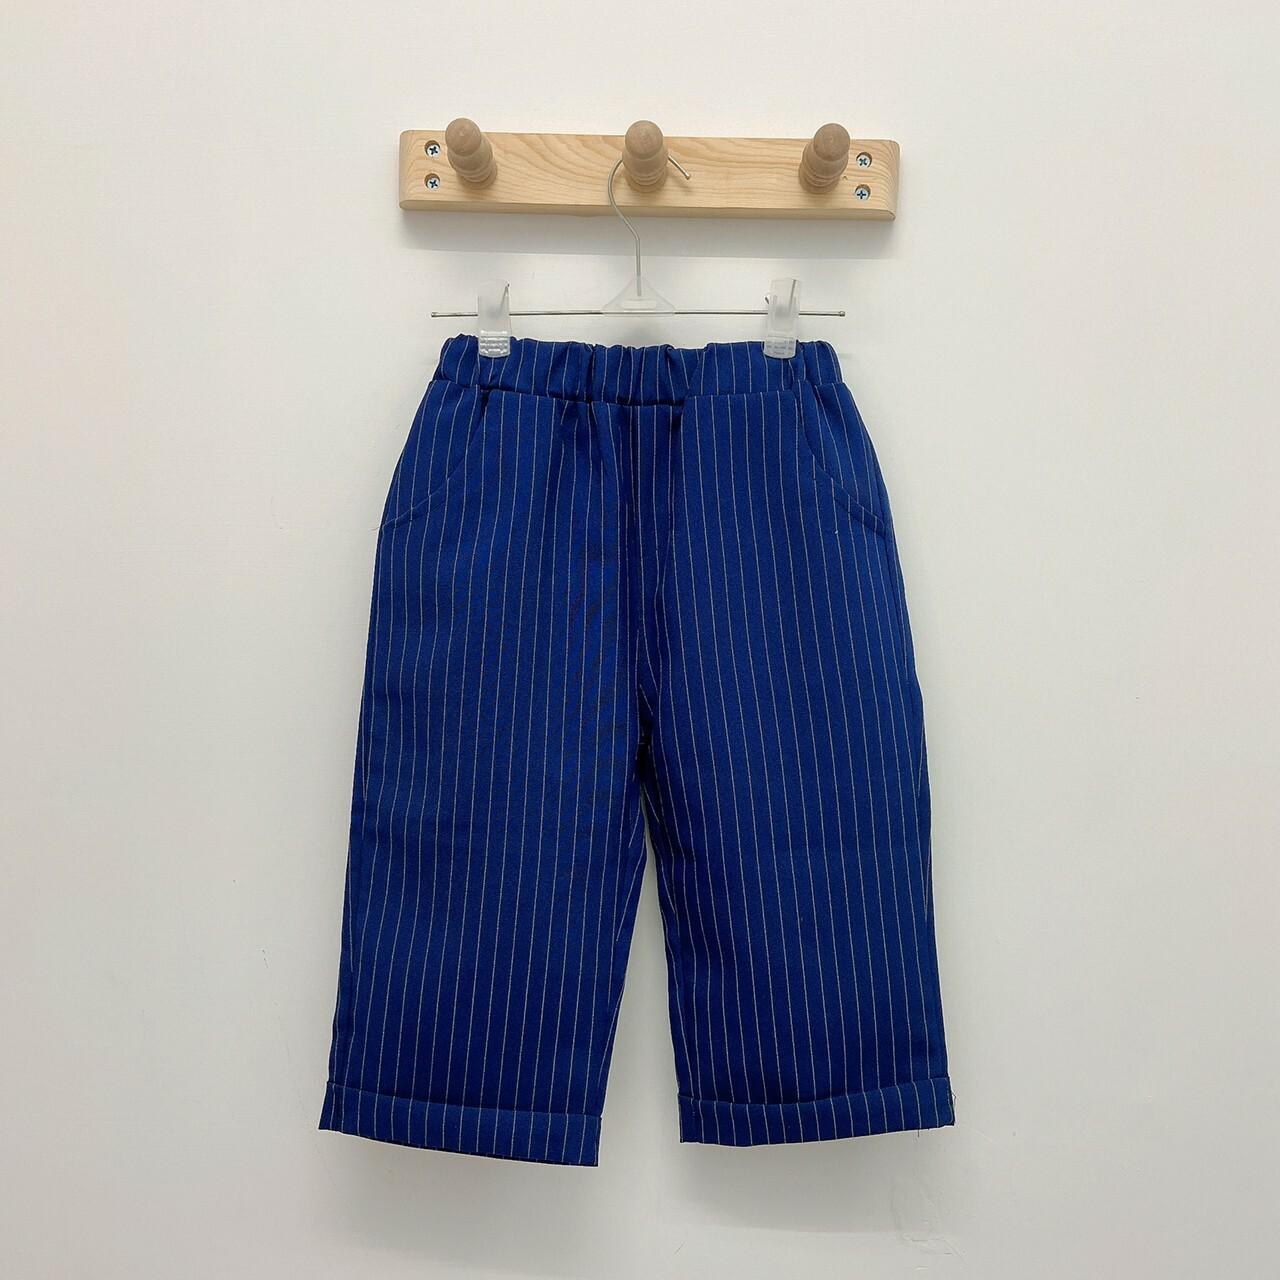 褲裙短 五~七分褲_210803_25.jpg